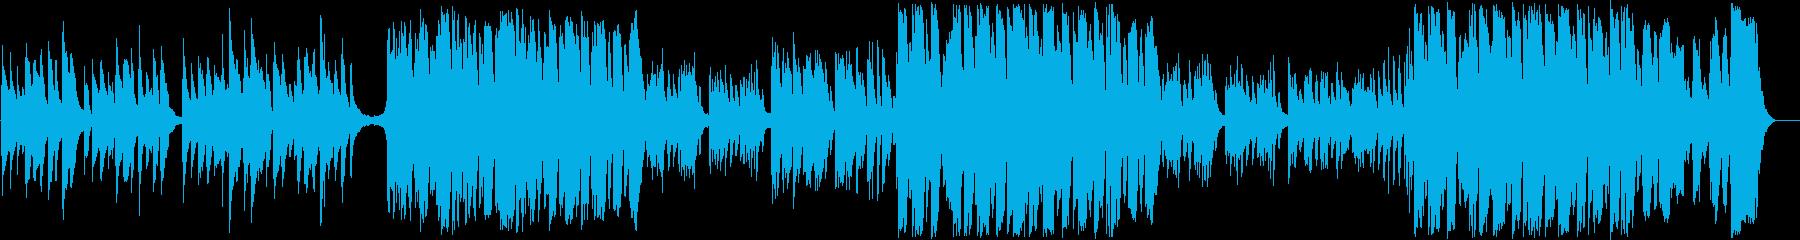 クラシック 中世のの再生済みの波形